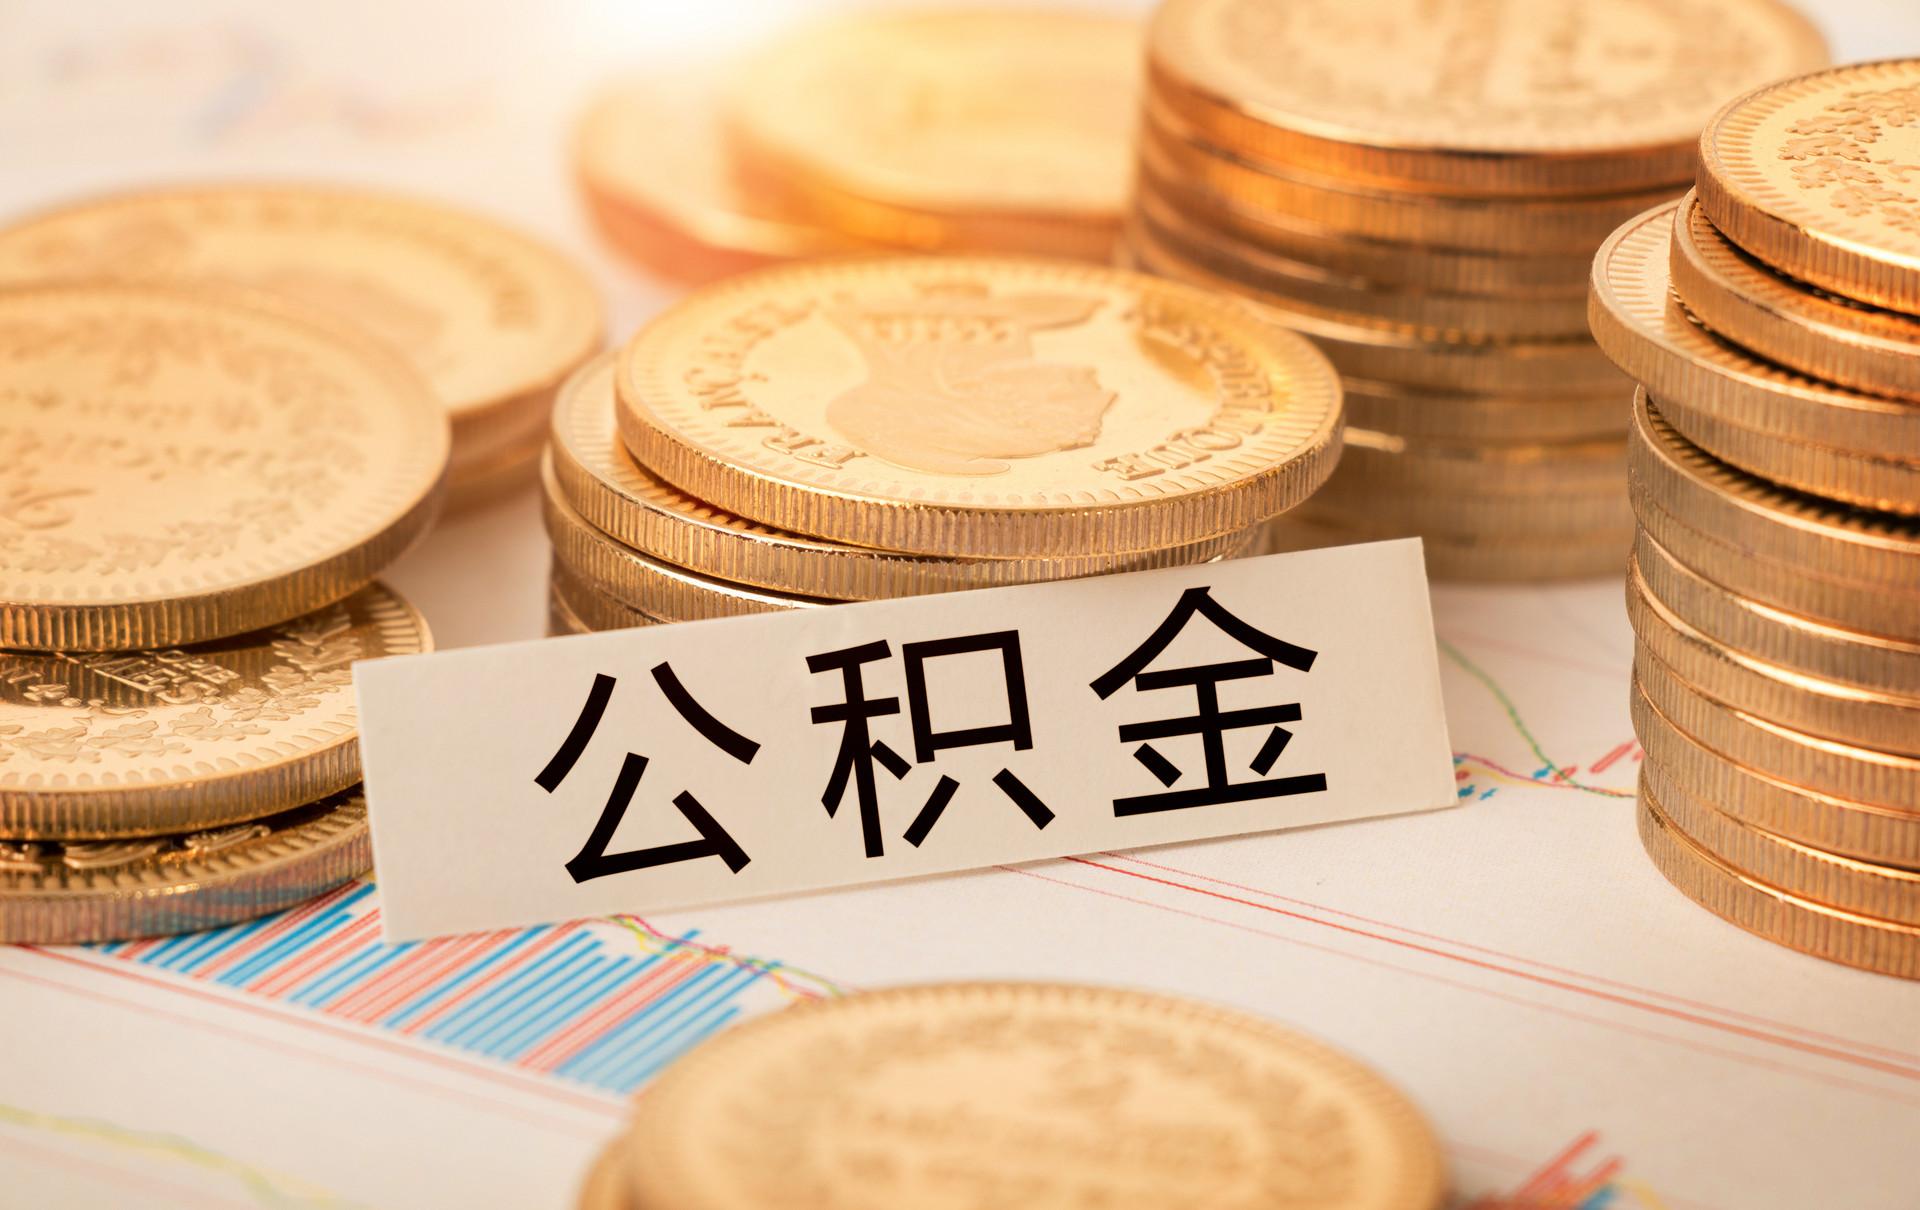 深圳最新公积金缴费标准 这些信息一定不能错过